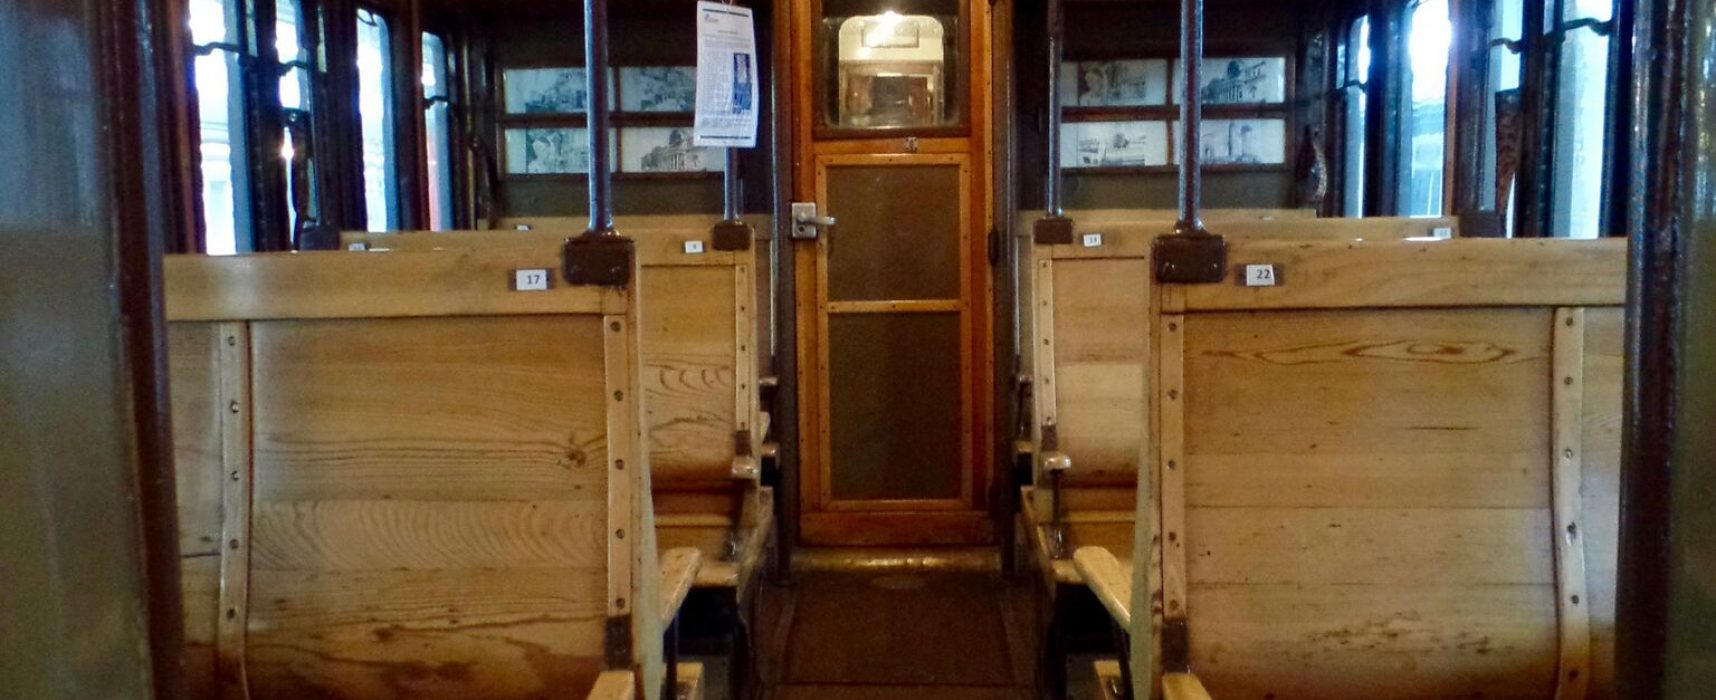 #ReggiaExpress, treno con locomotiva del cinema